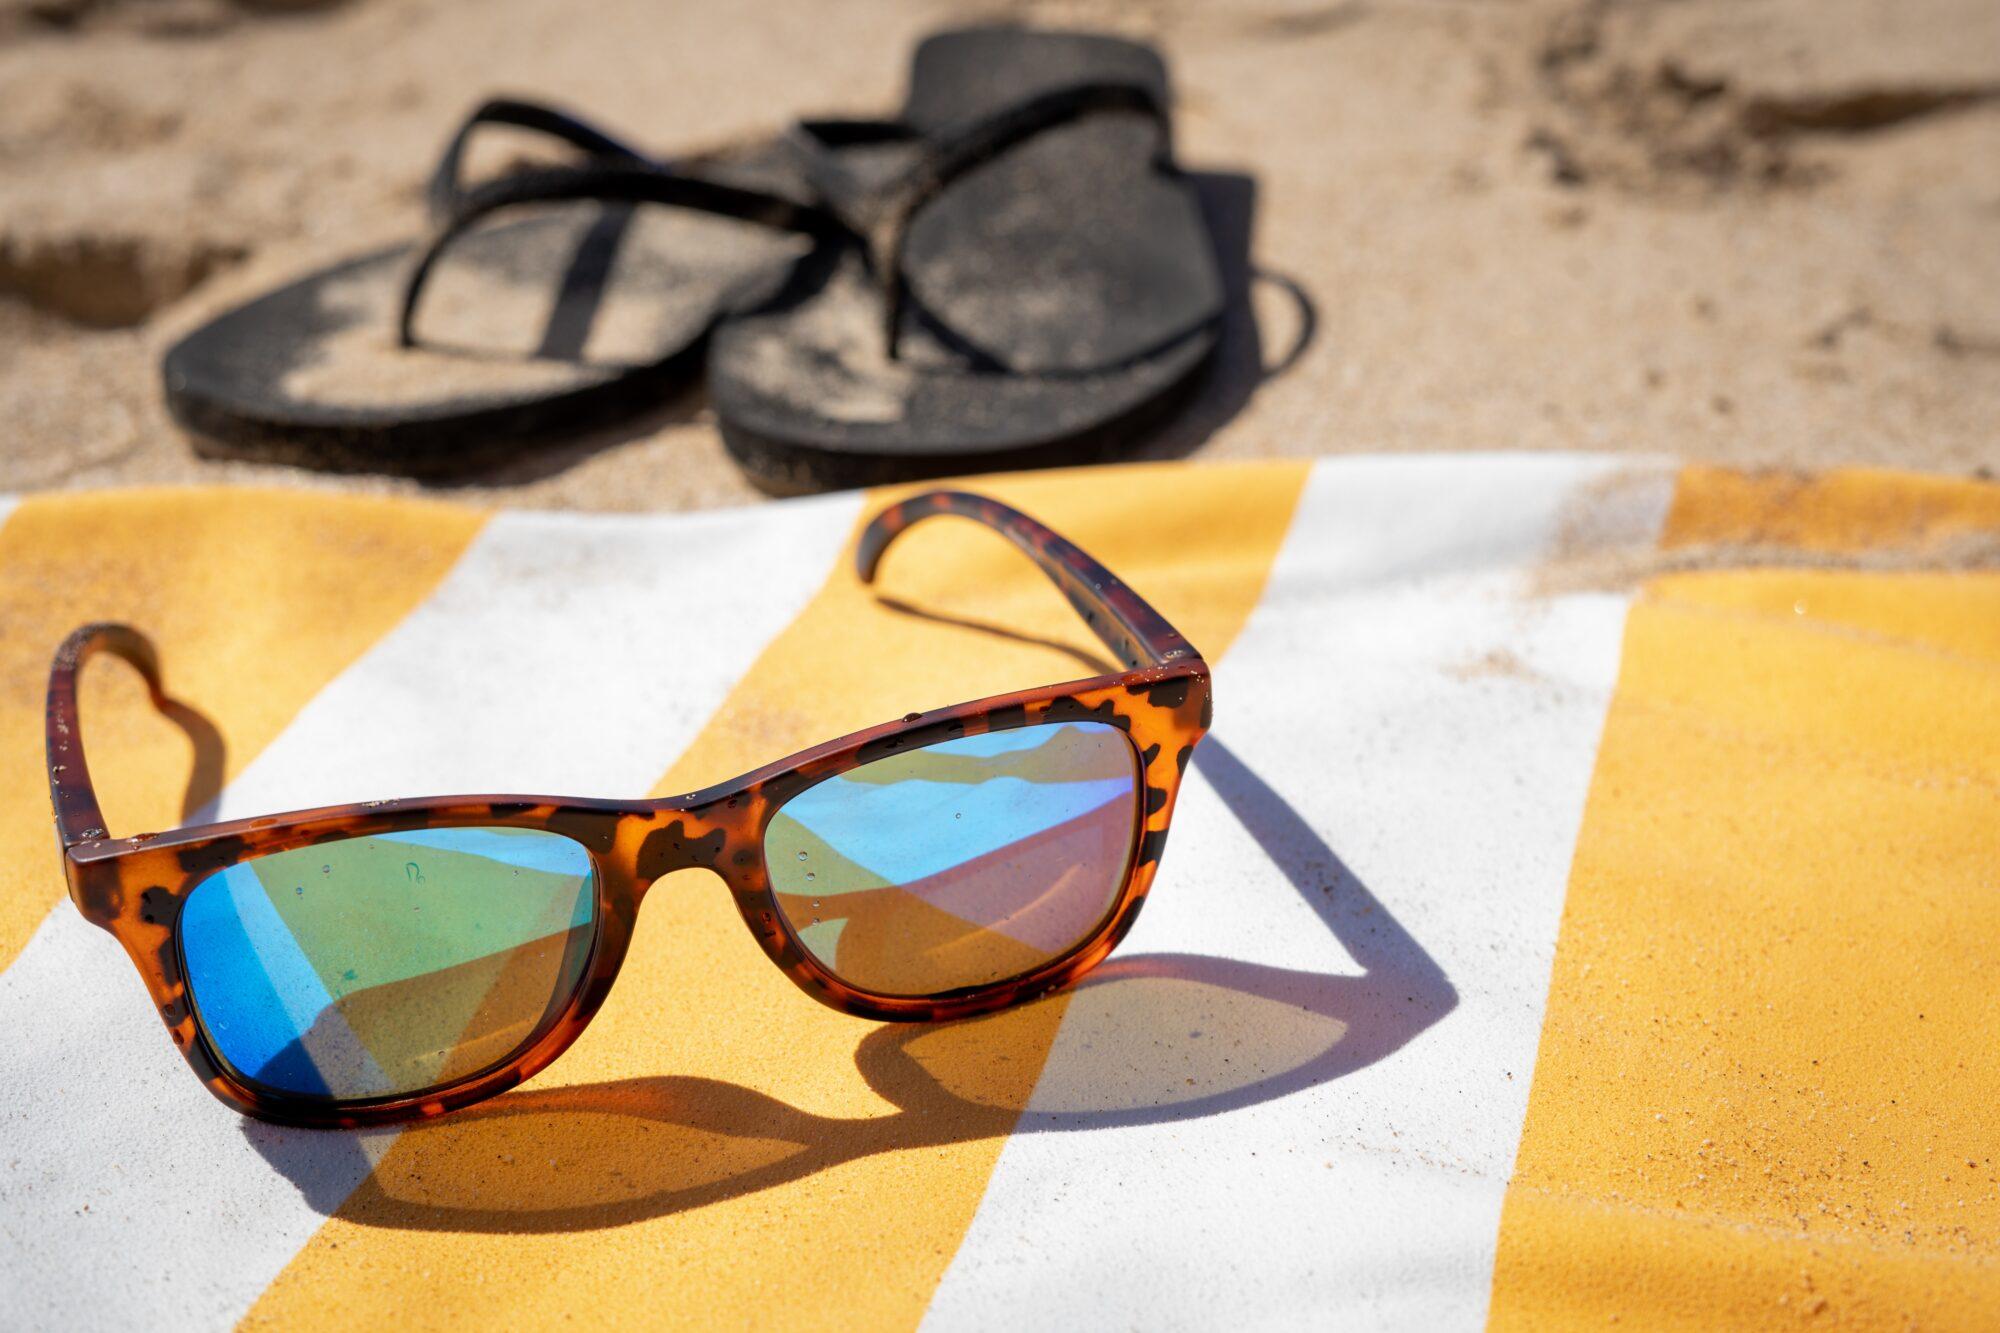 Bliv klar til ferie i syden med et lækkert beach towel